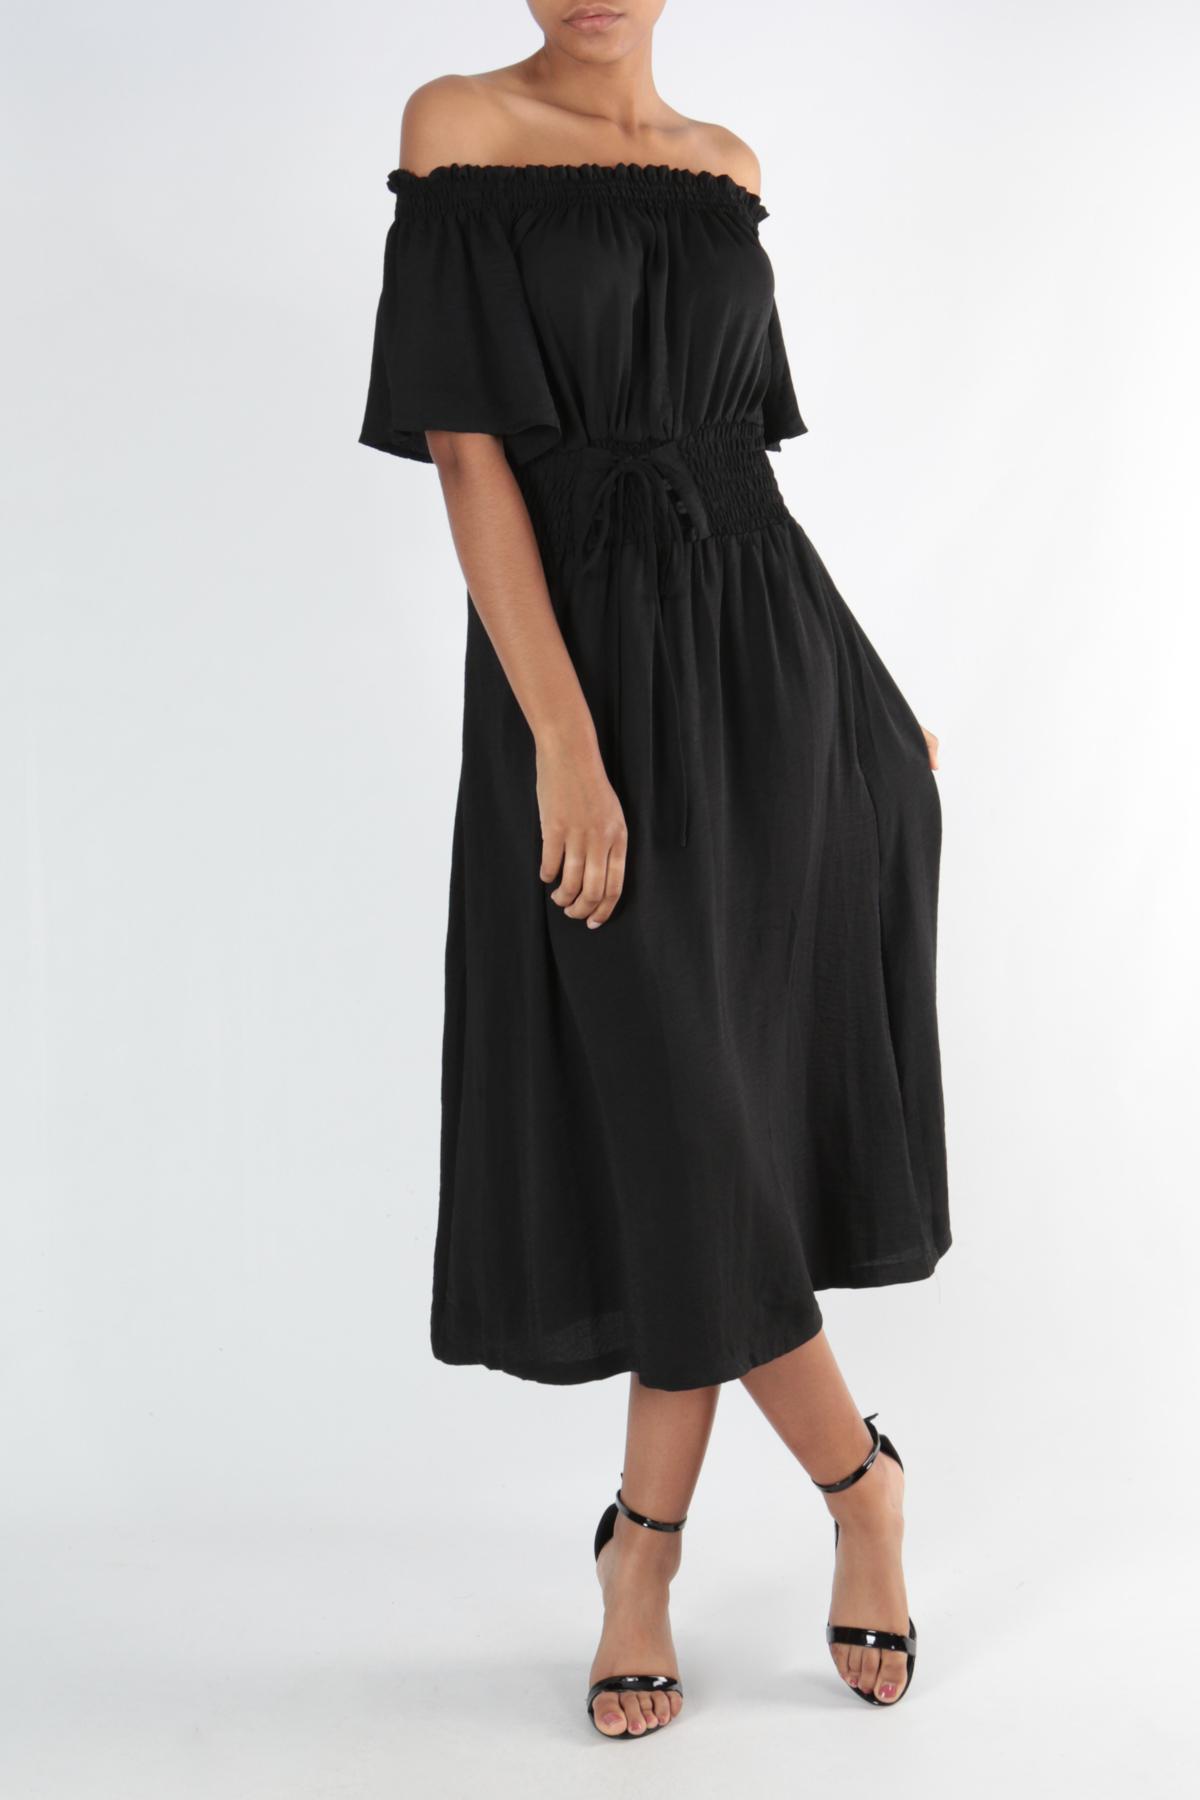 Robes longues Femme 6271-NOIR CONTEMPLAY